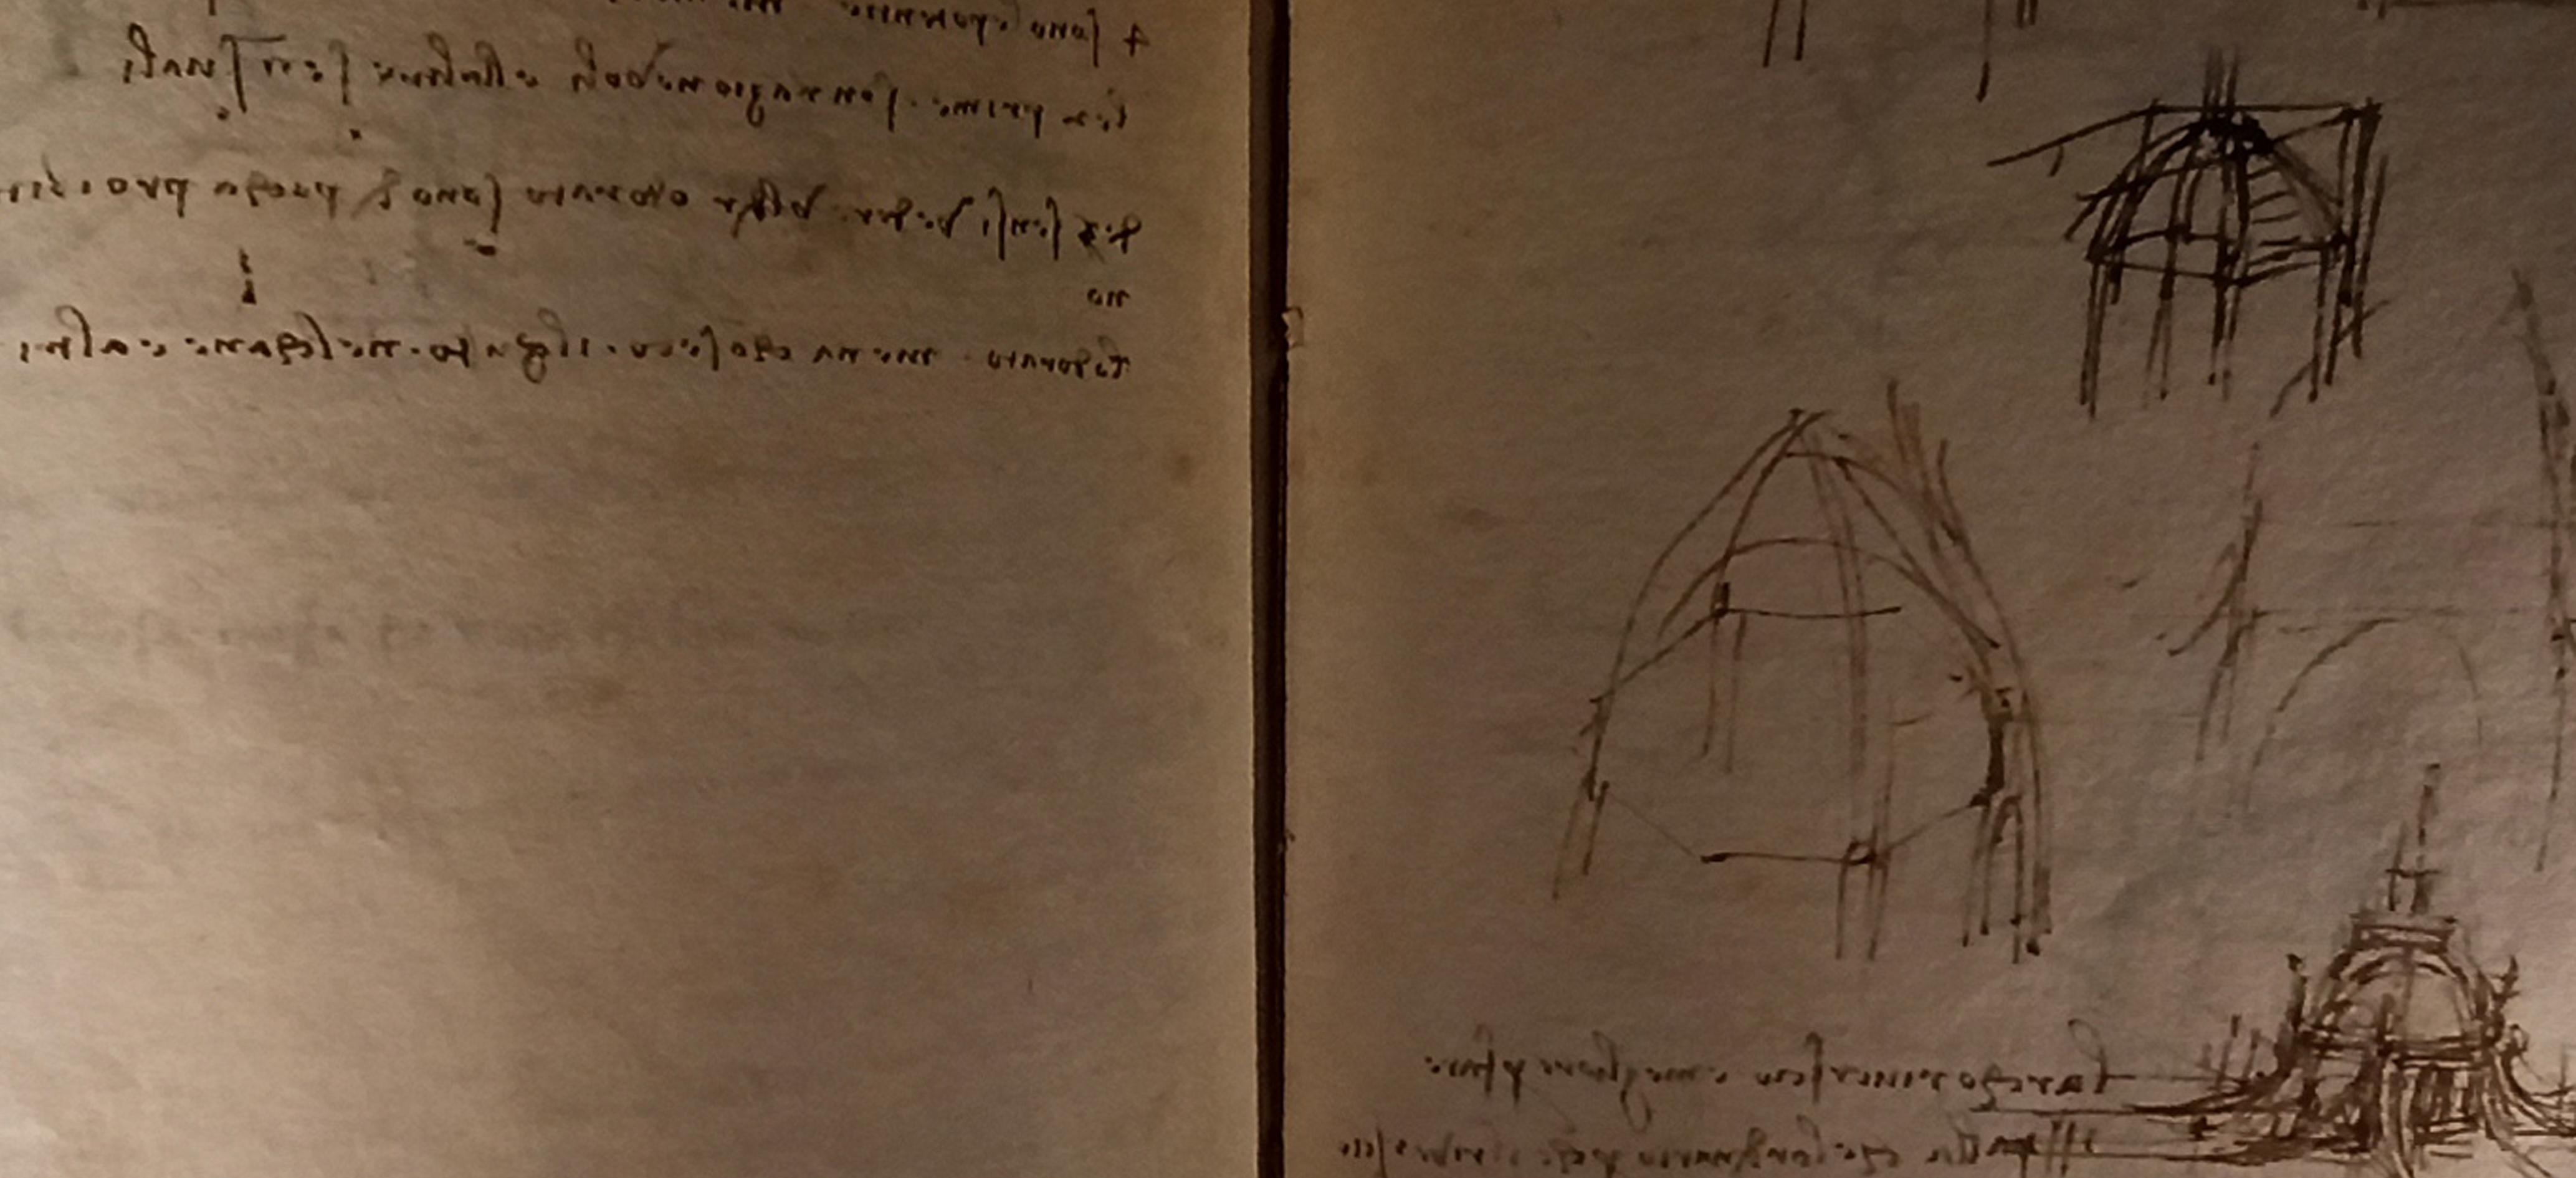 Nelle pagine di Leonardo da Vinci, osservazioni sul rumore e i cinque sensi e schizzi del tiburio del Duomo di Milano. Codice Trivulziano